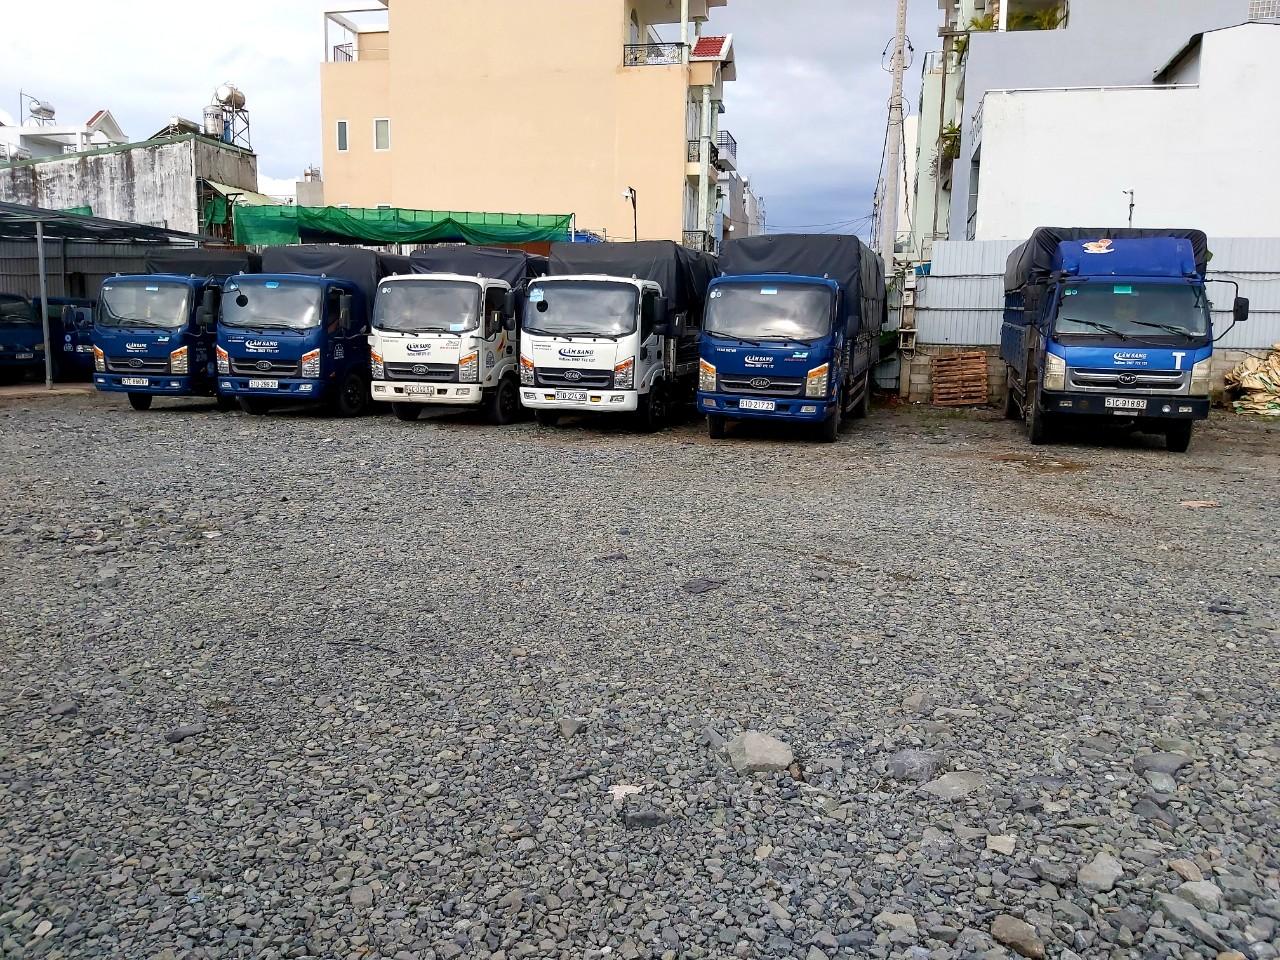 cho thuê xe tải chỏ hàng-Vận Chuyển Hàng Hoá – Chuyển Nhà TPHCM Đi Bình Thuận